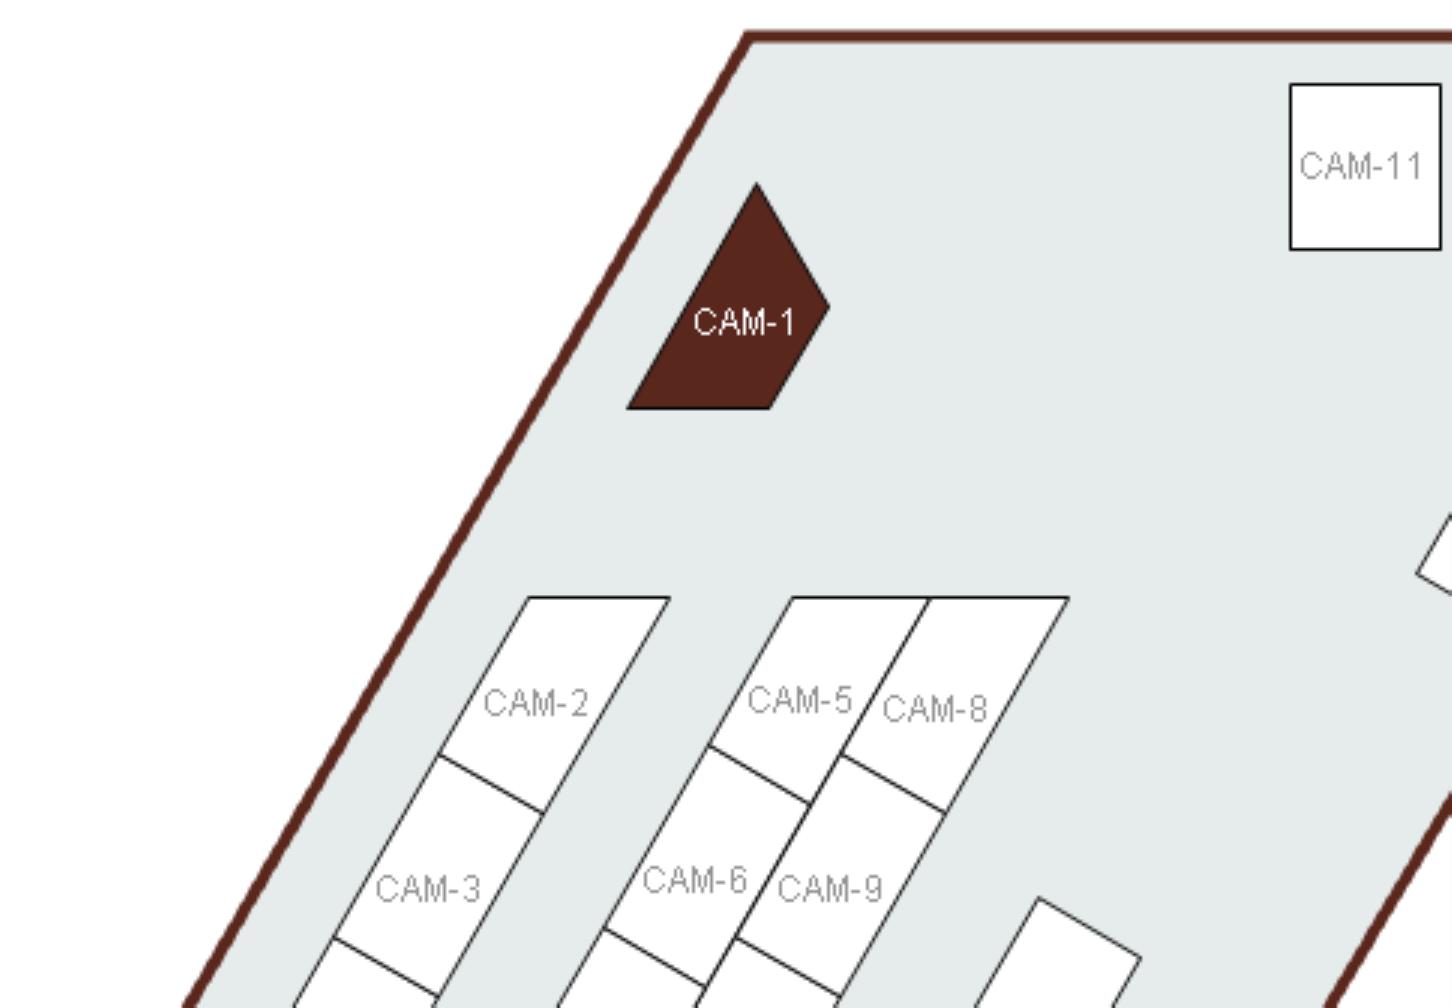 FOYWEST / CAM-1